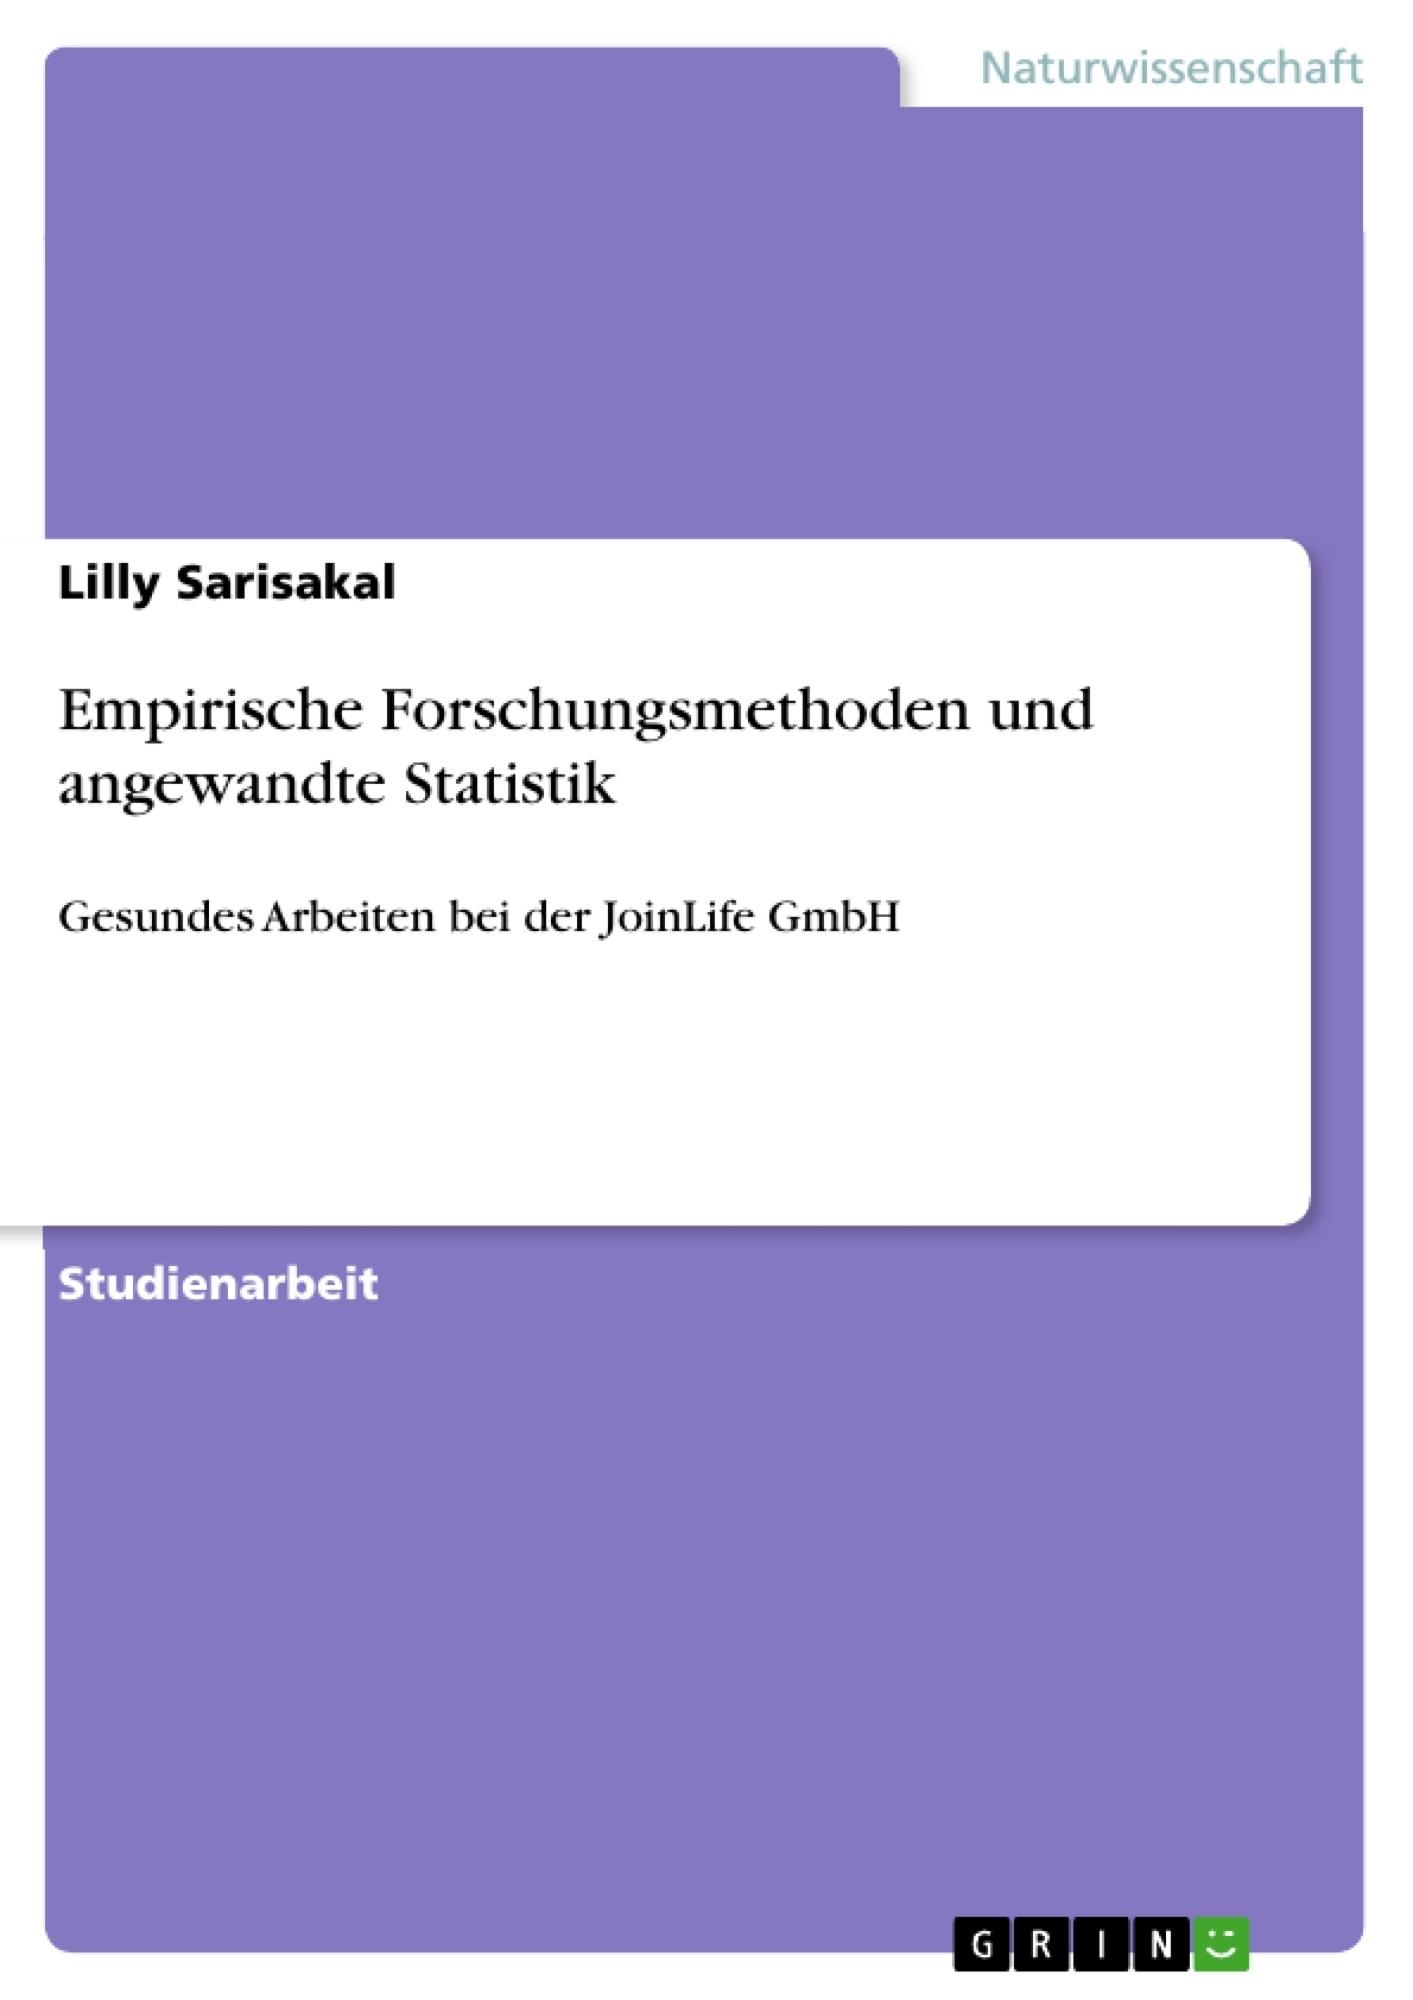 Titel: Empirische Forschungsmethoden und angewandte Statistik